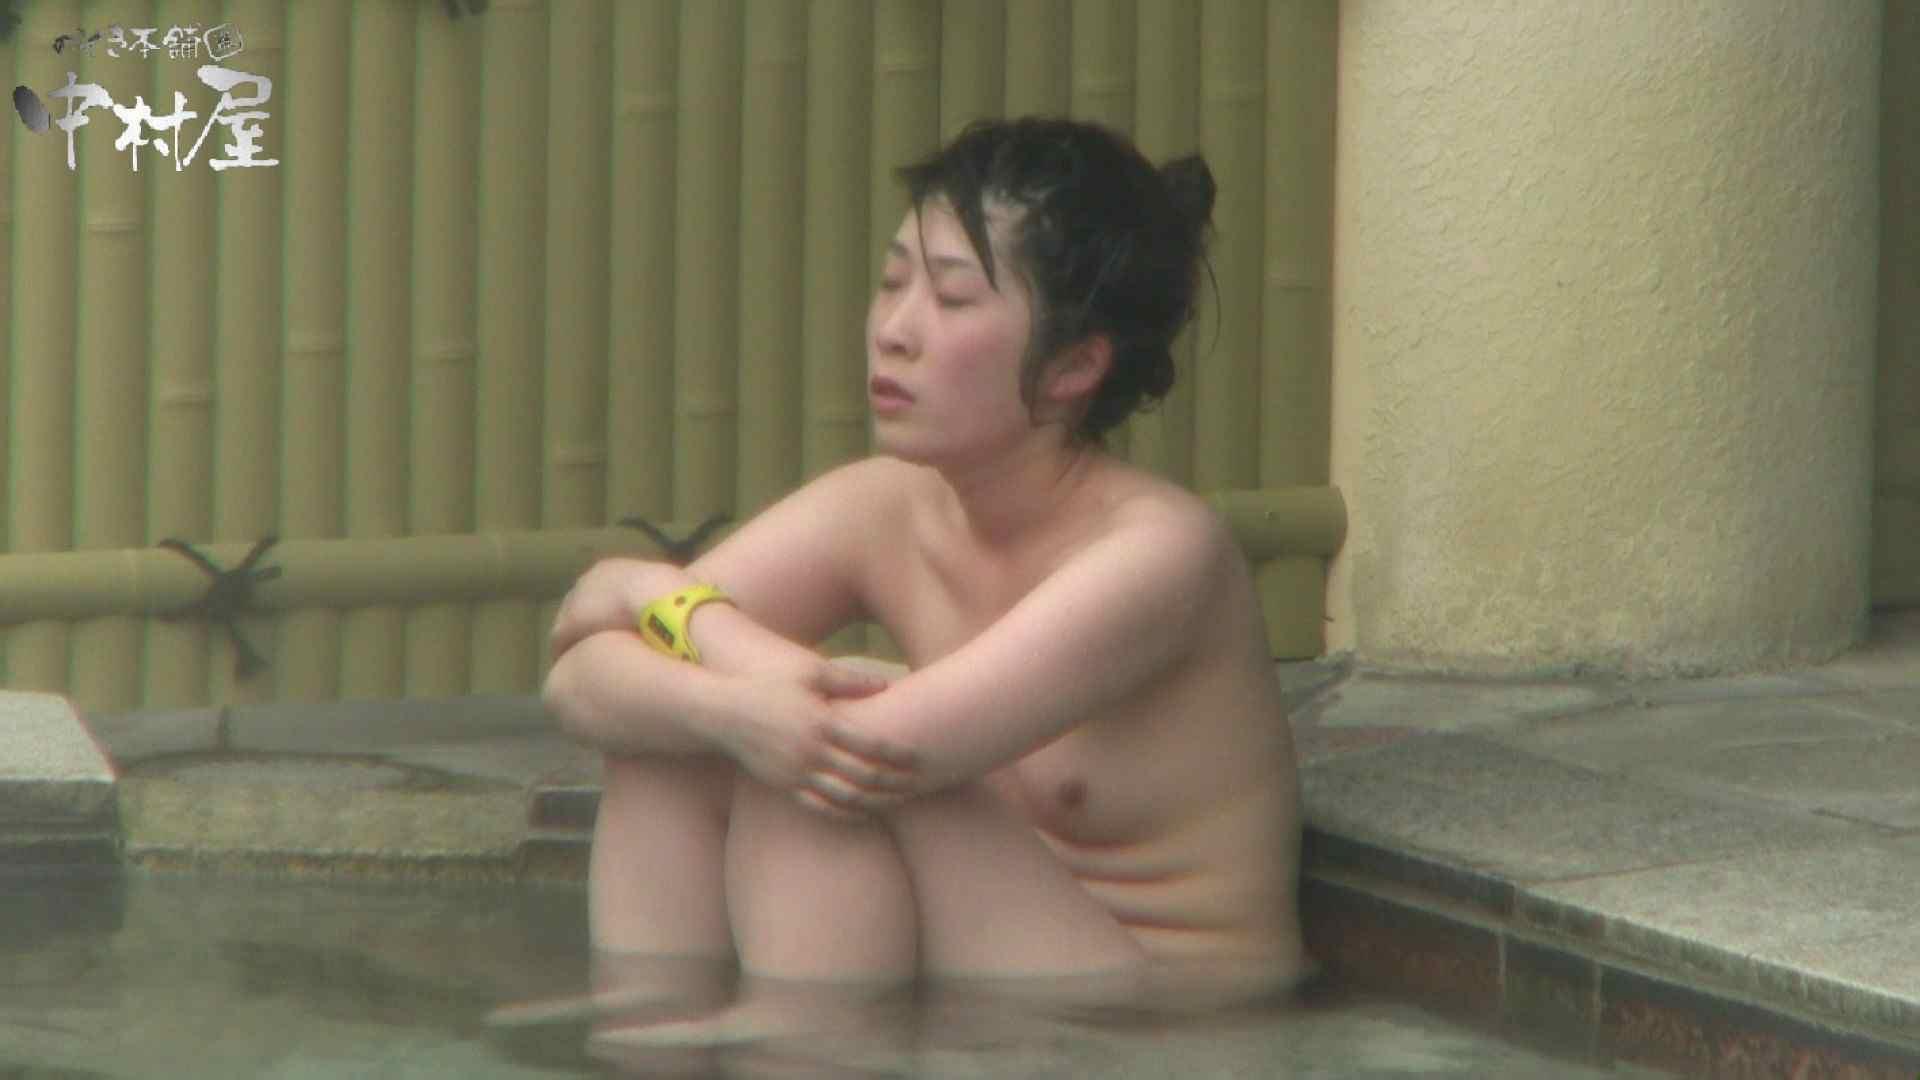 Aquaな露天風呂Vol.955 盗撮  58枚 36